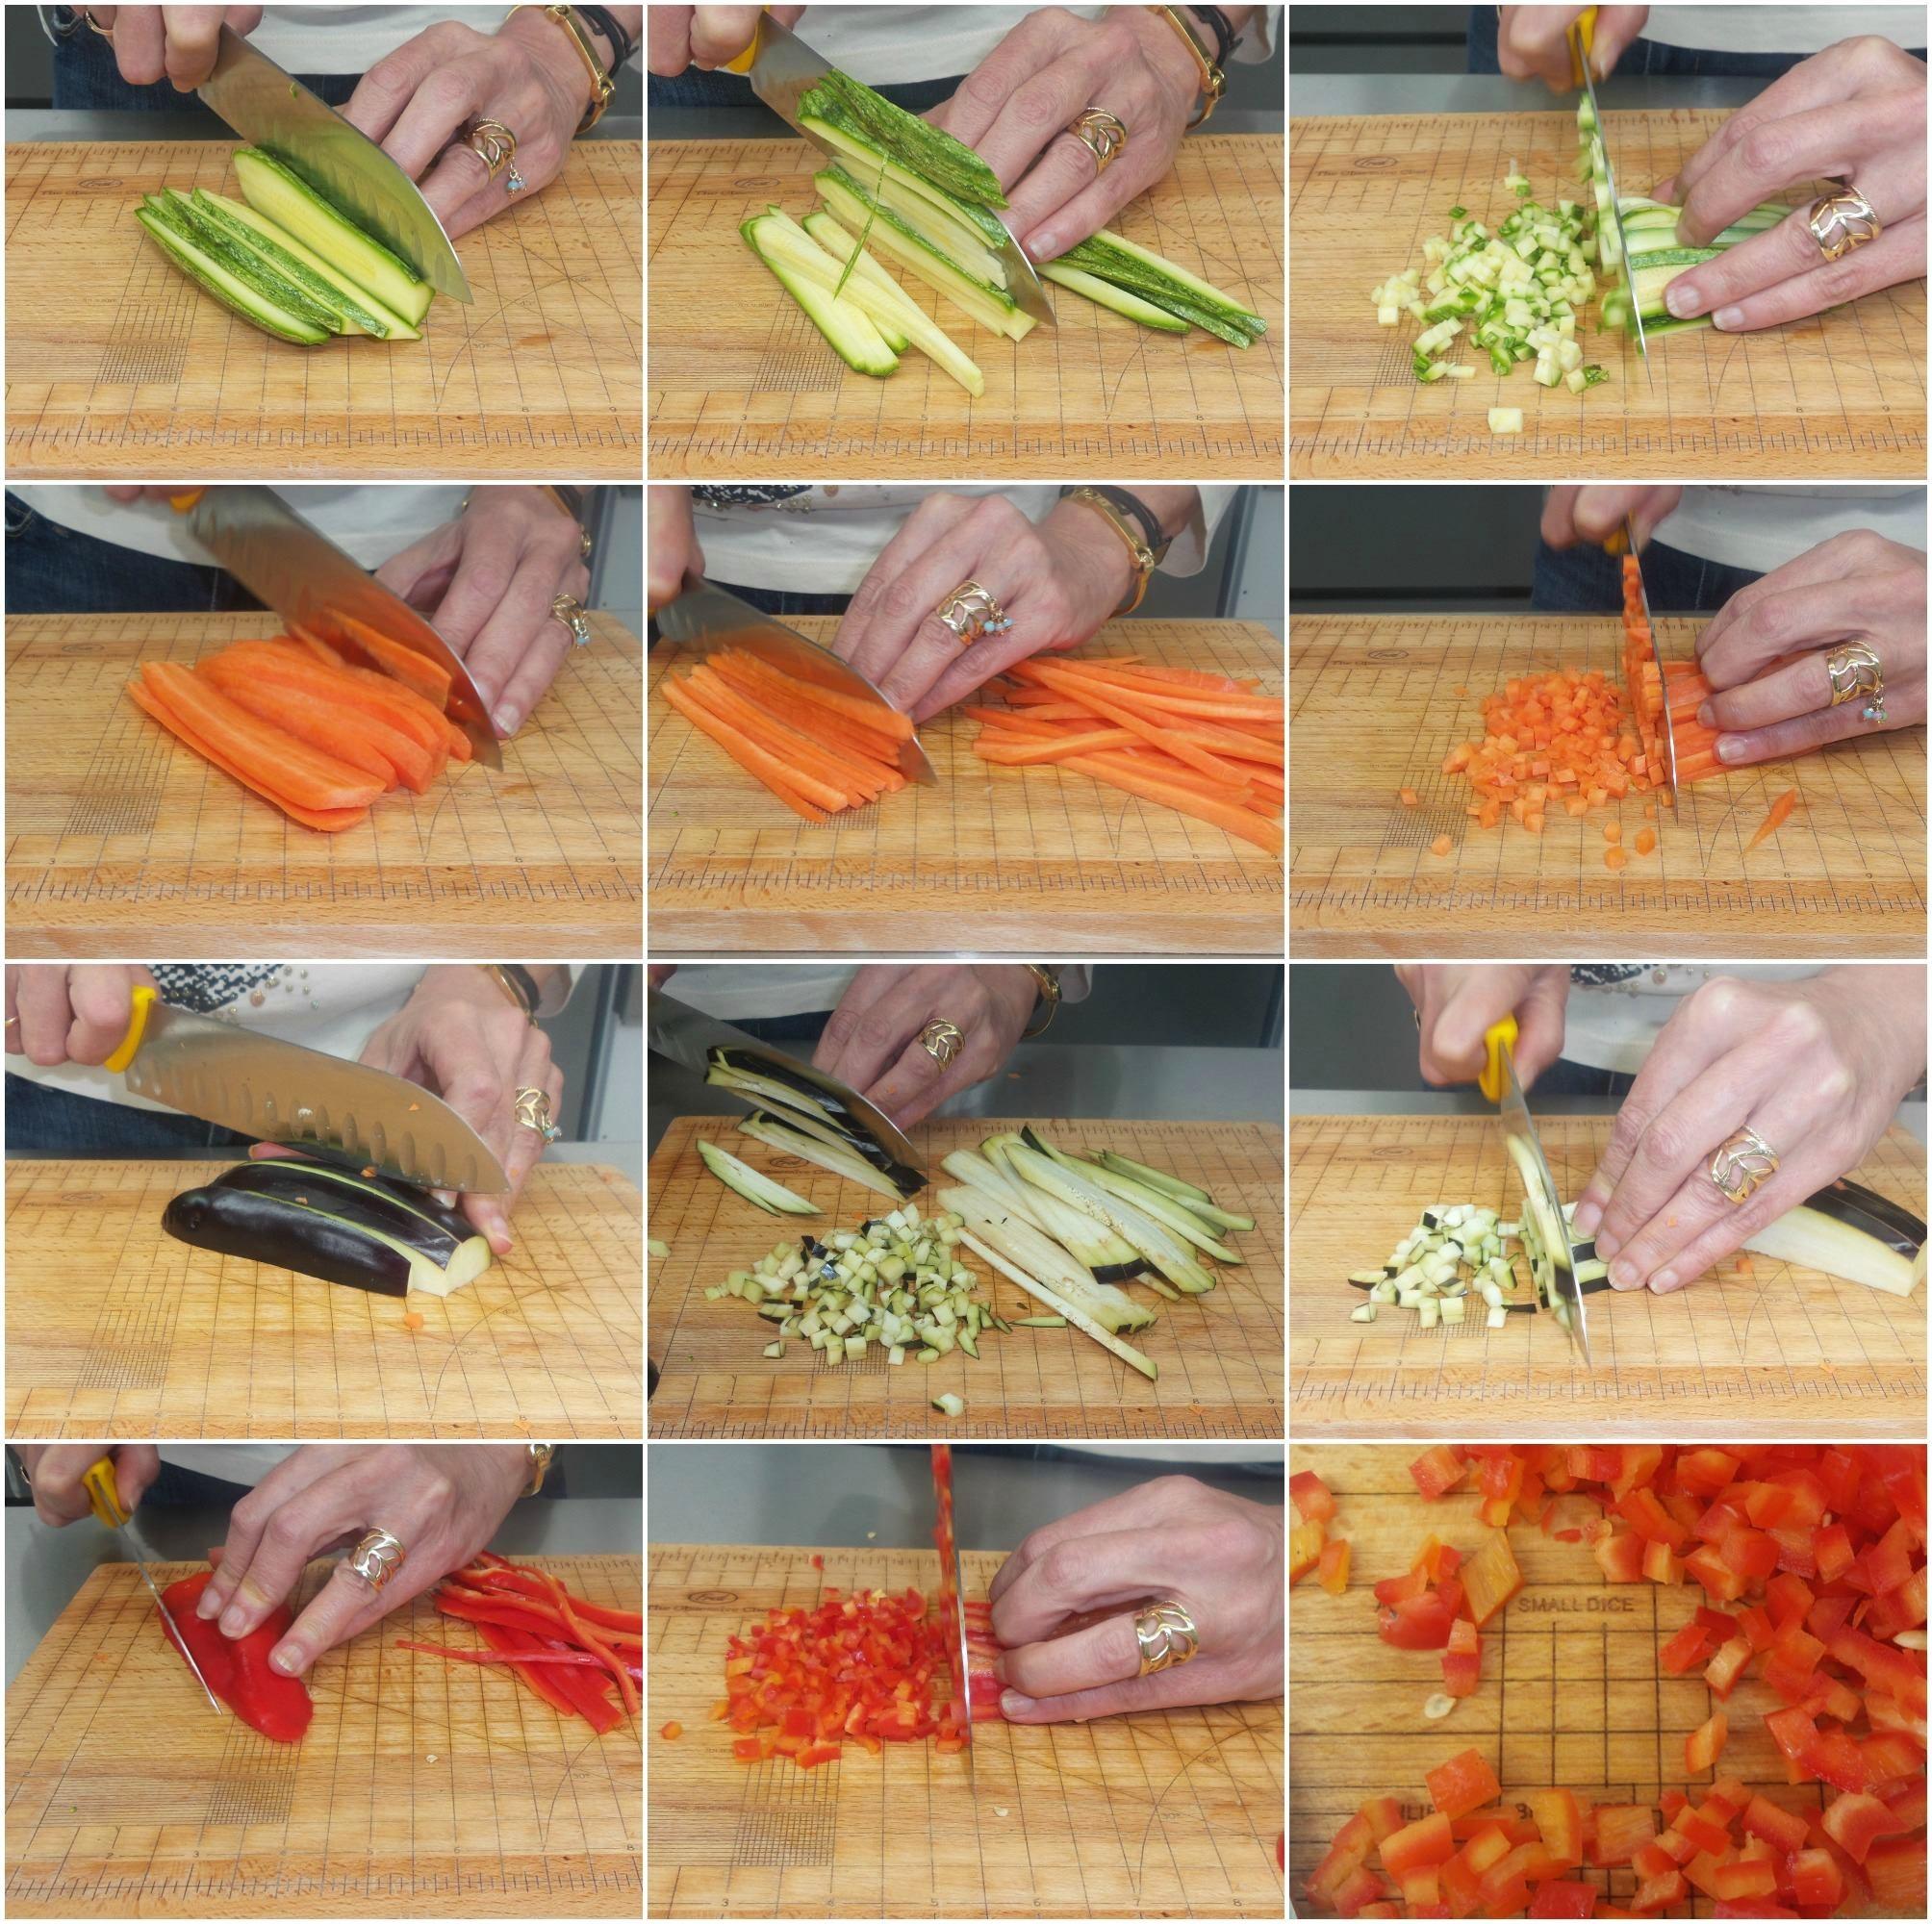 κριθαράκι με λαχανικά και μυρωδικά - προετοιμασία